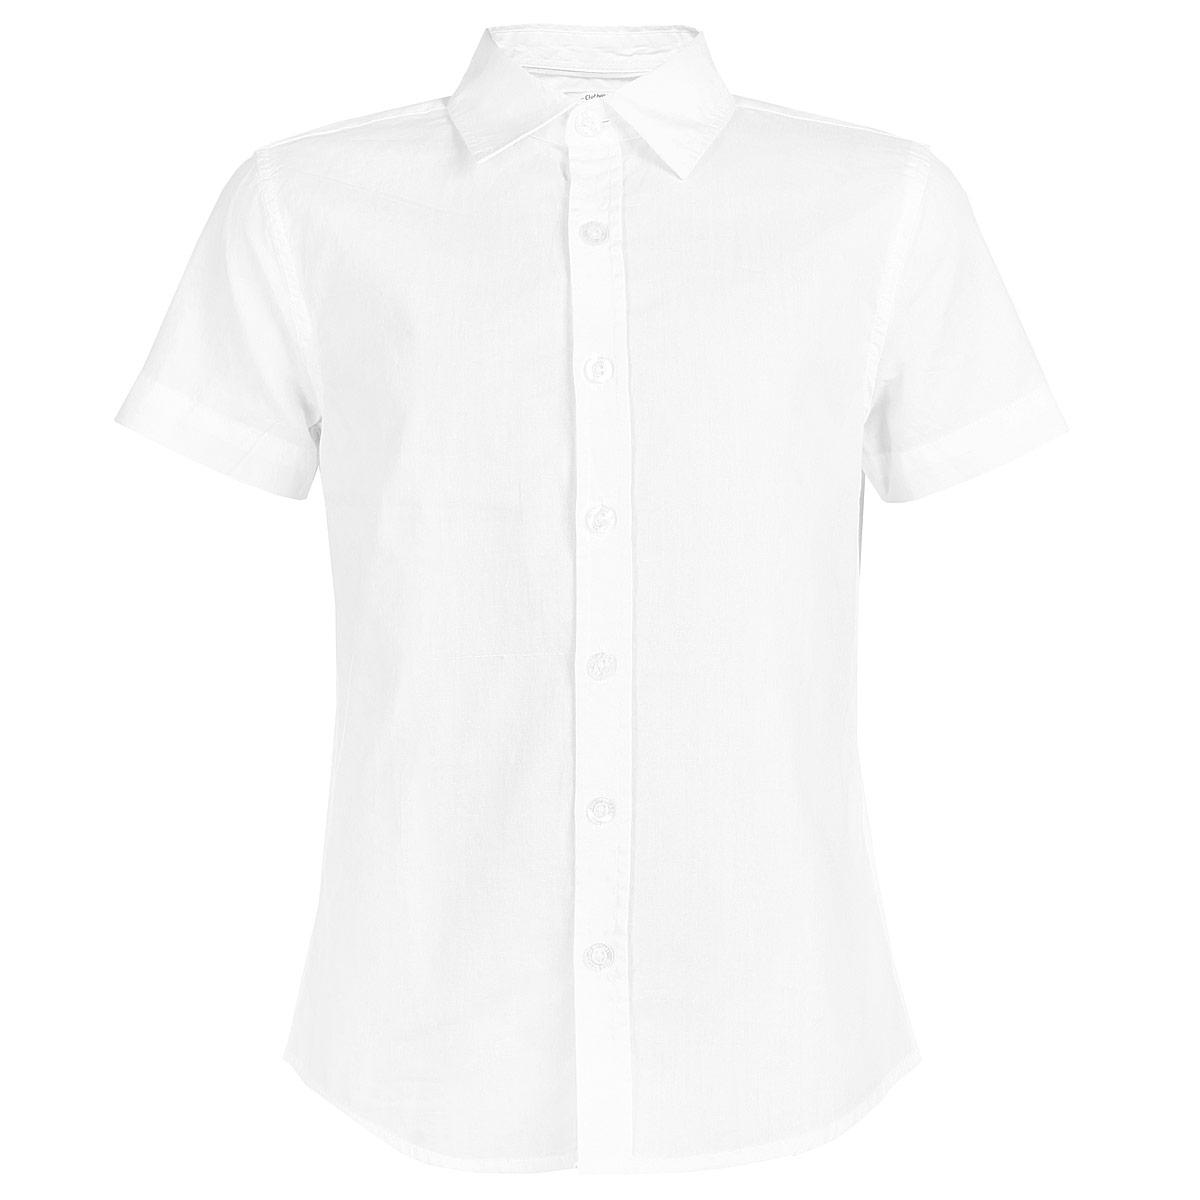 Рубашка для мальчика. Hs-812/018-5311Hs-812/018-5311Стильная рубашка для мальчика Sela с короткими рукавами идеально подойдет вашему ребенку, как для школы, так и для различных мероприятий. Изготовленная из натурального хлопка, она необычайно мягкая и приятная на ощупь, не сковывает движения и позволяет коже дышать, не раздражает даже самую нежную и чувствительную кожу ребенка, обеспечивая ему наибольший комфорт. Рубашка с отложным воротничком застегивается на пуговицы по всей длине. На груди она дополнена накладным кармашком. Низ изделия дополнен боковыми закруглениями. Современный дизайн и расцветка делают эту рубашку модным и стильным предметом детского гардероба. В ней ваш маленький мужчина всегда будет в центре внимания!